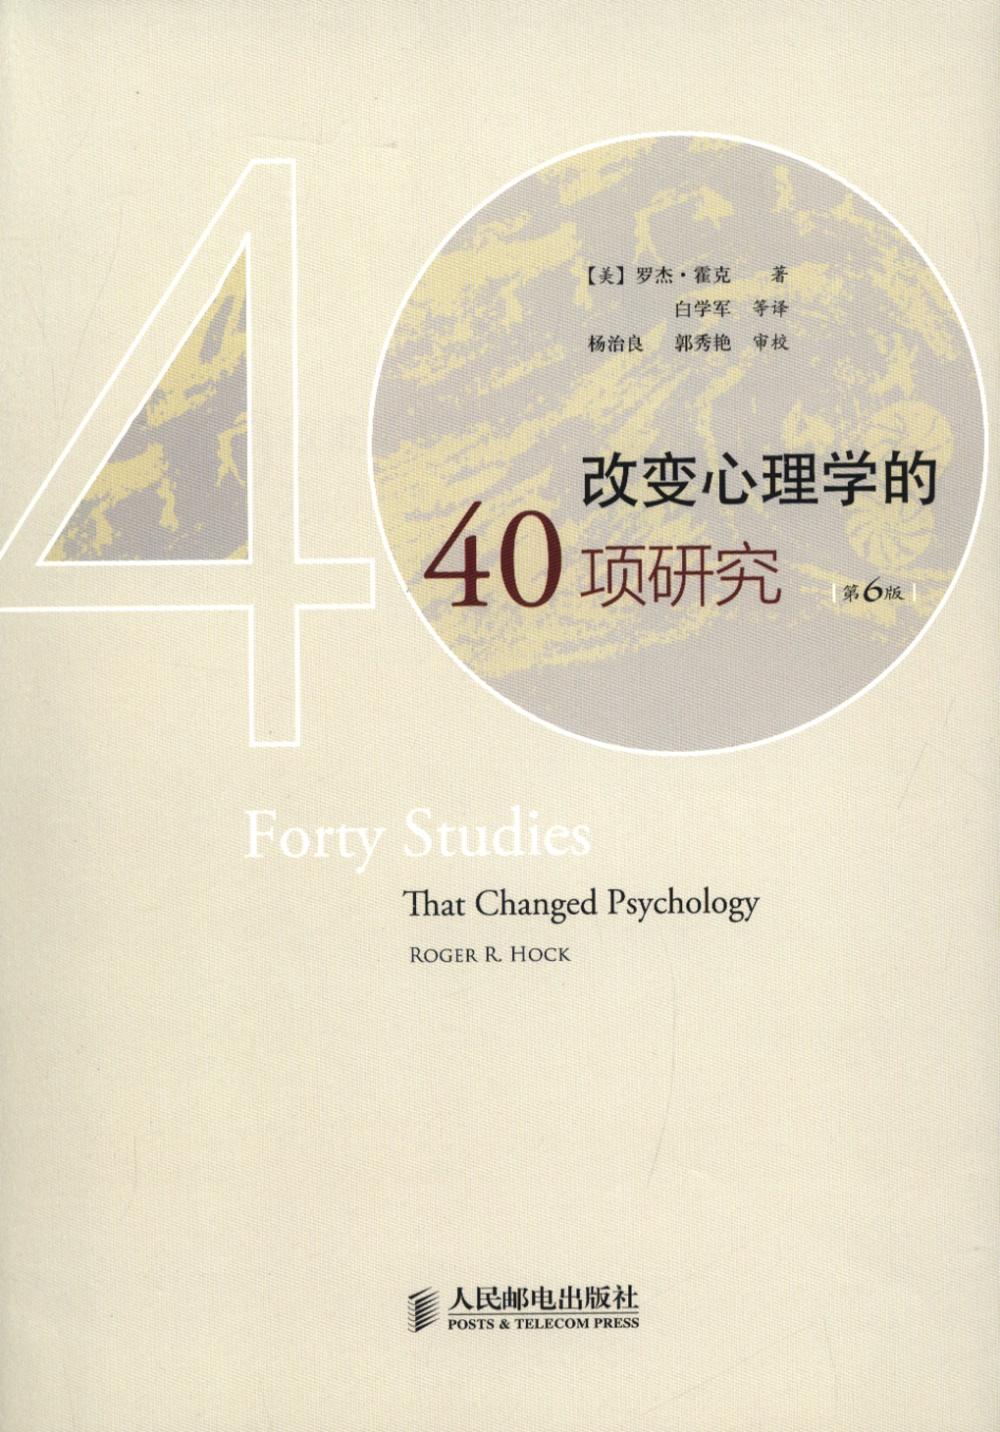 改變心理學的40項研究(第6版)